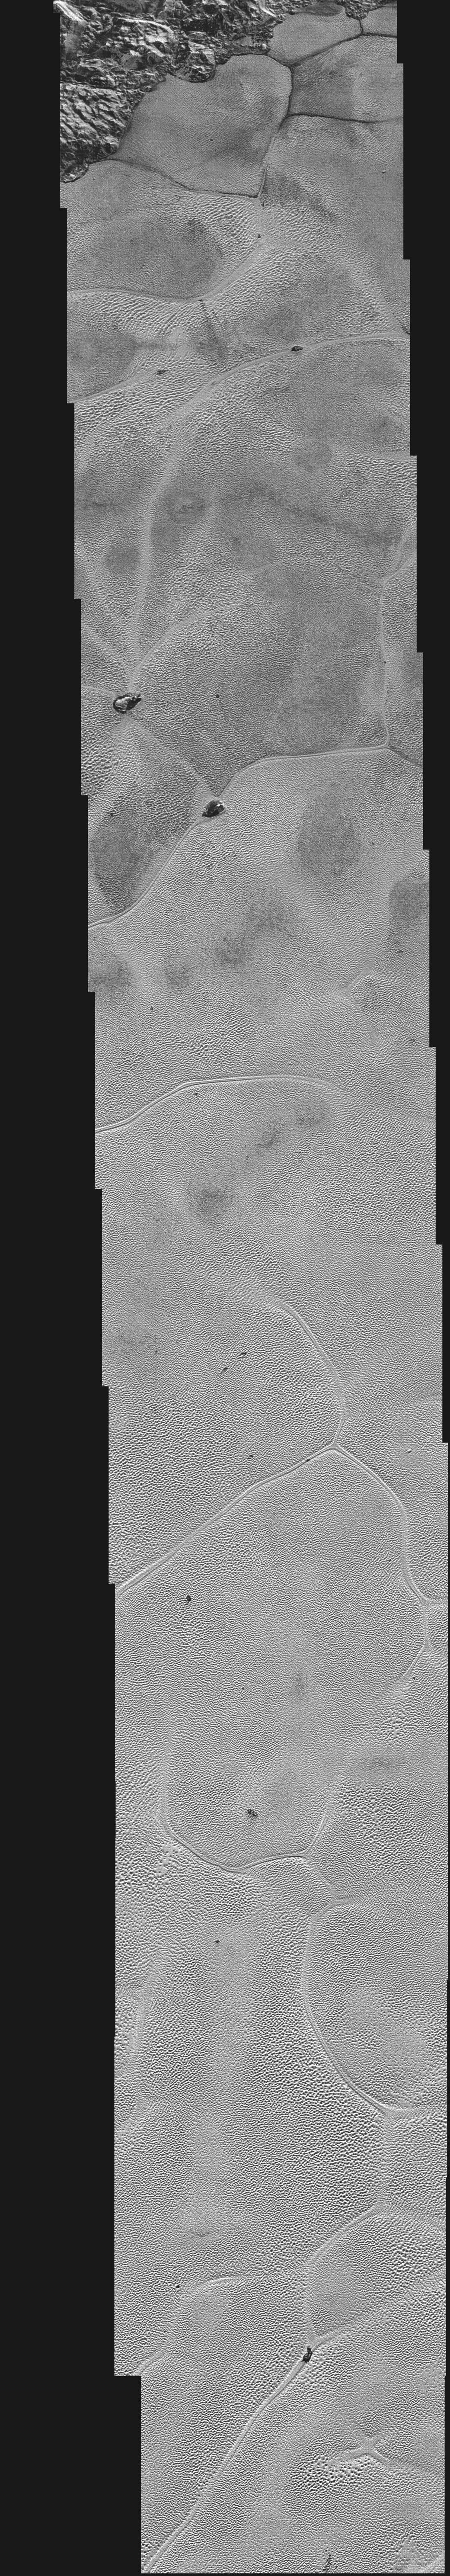 Pluto 39 s heart a cosmic valentine in photos - Kleiderschrank stoff poco ...